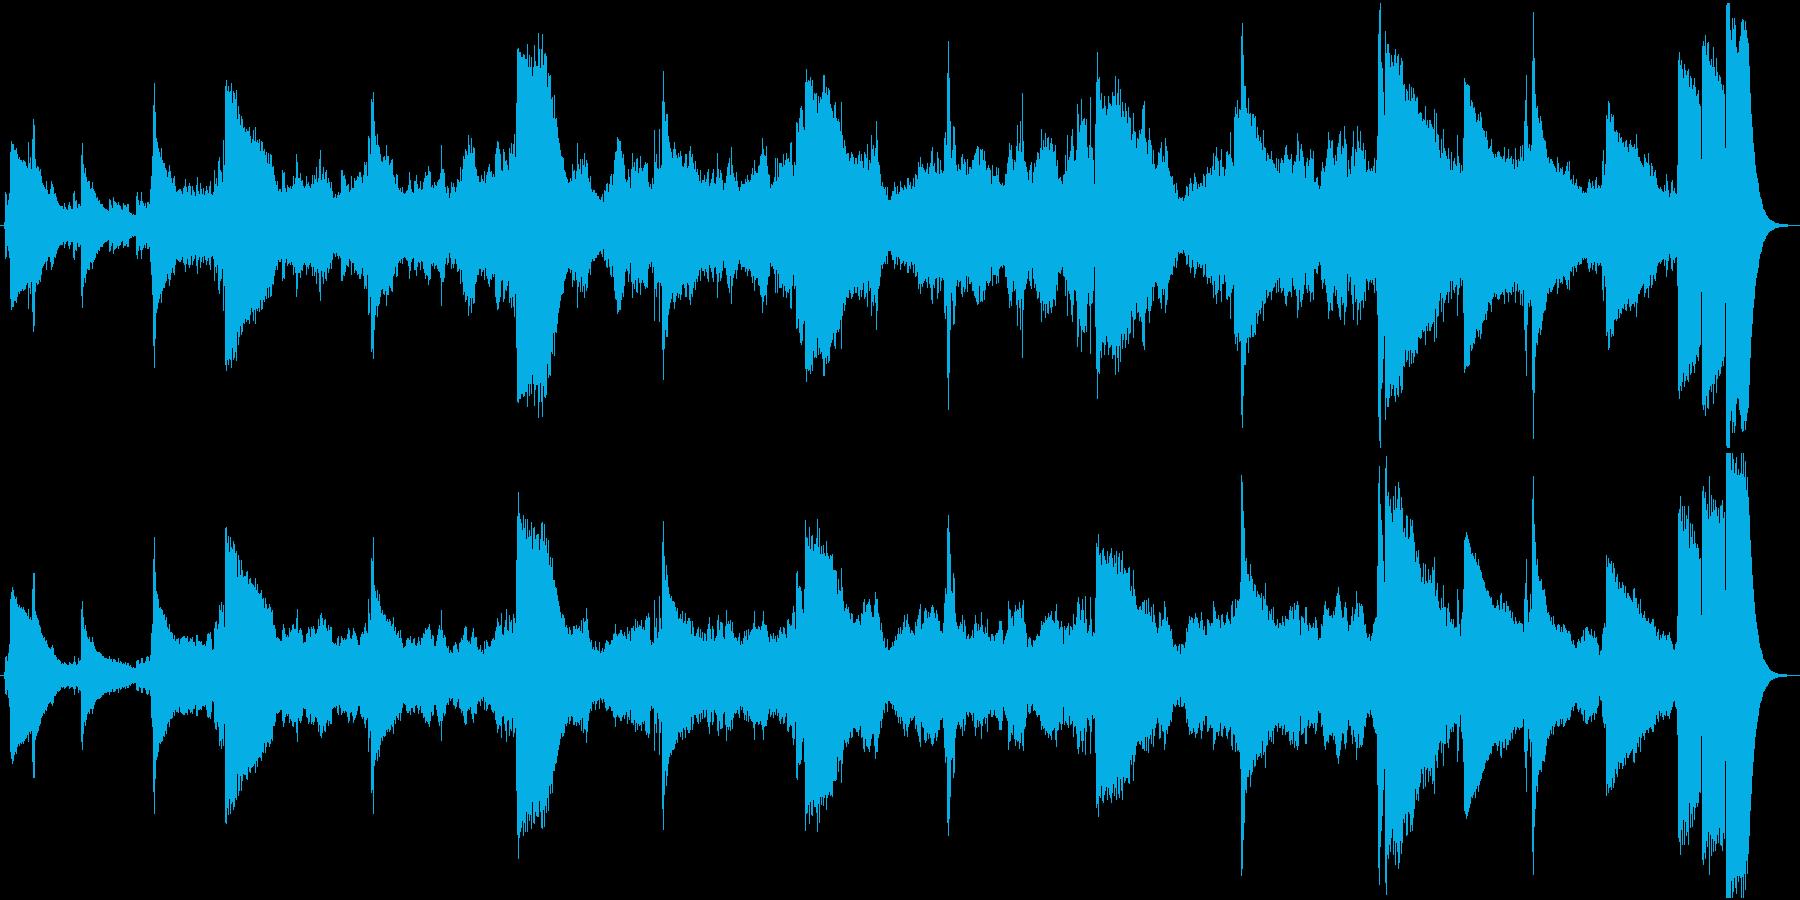 エンディング向けオーケストラ楽曲の再生済みの波形